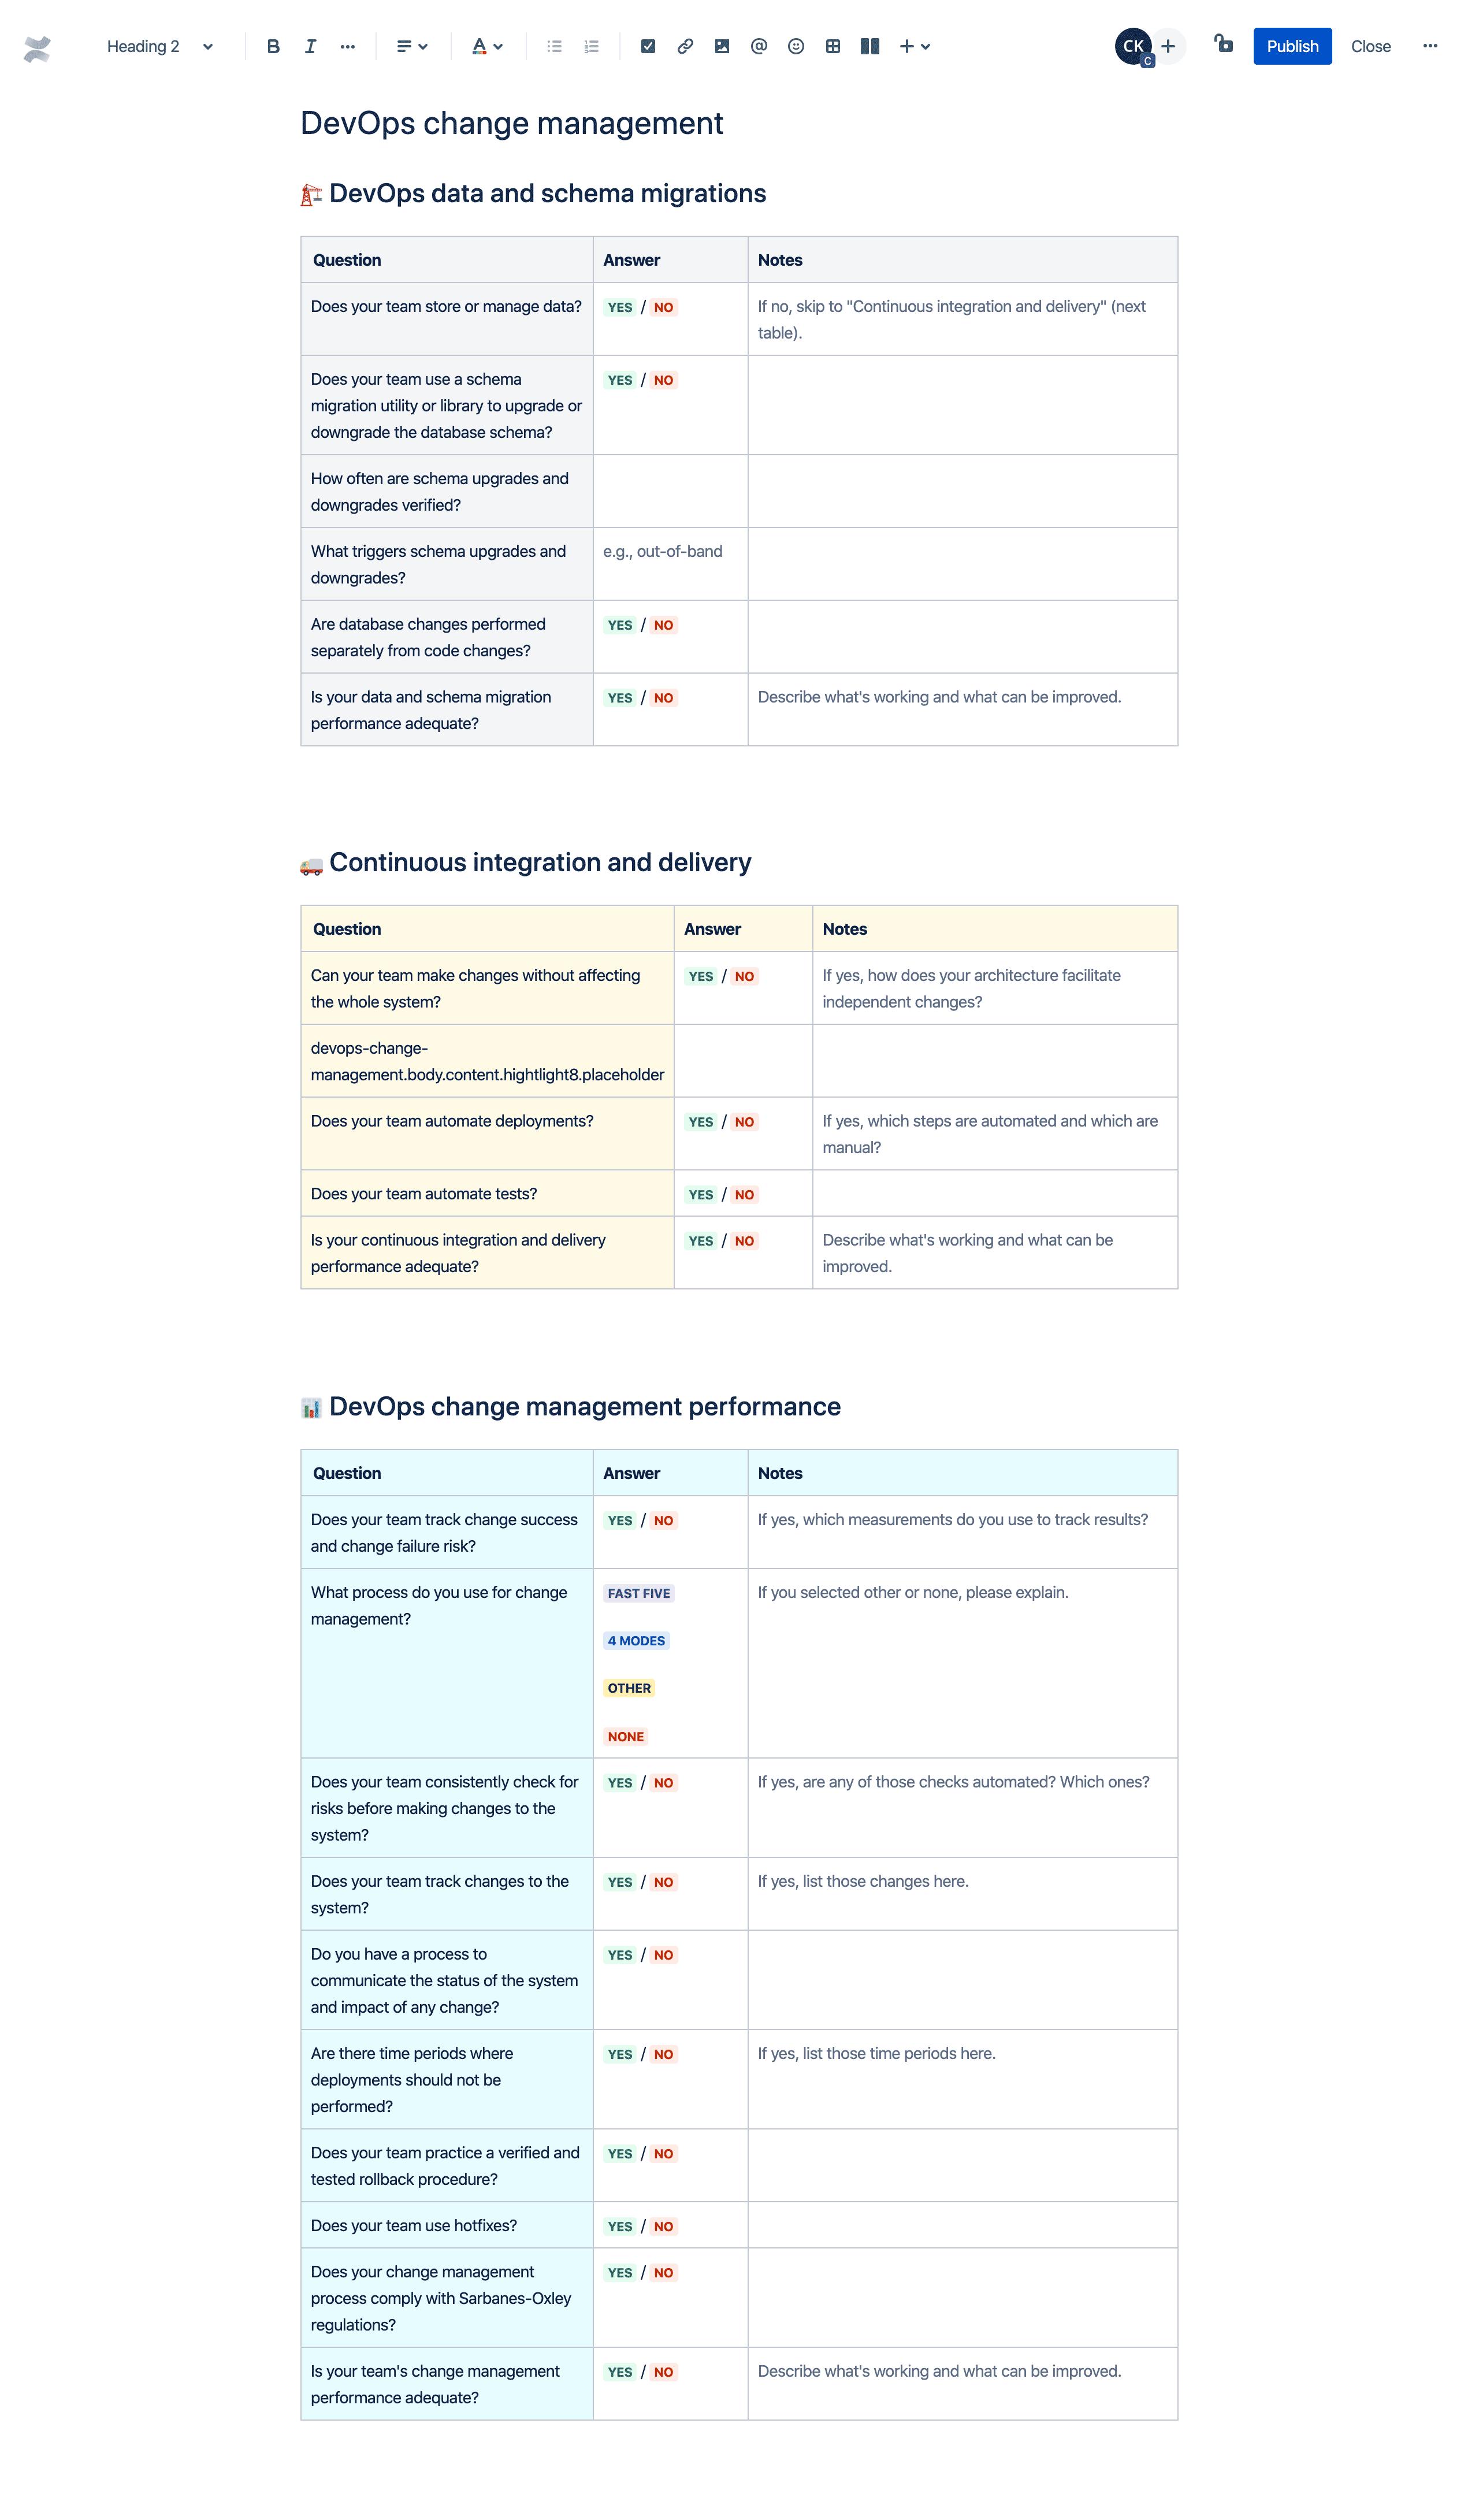 Шаблон управления изменениями DevOps